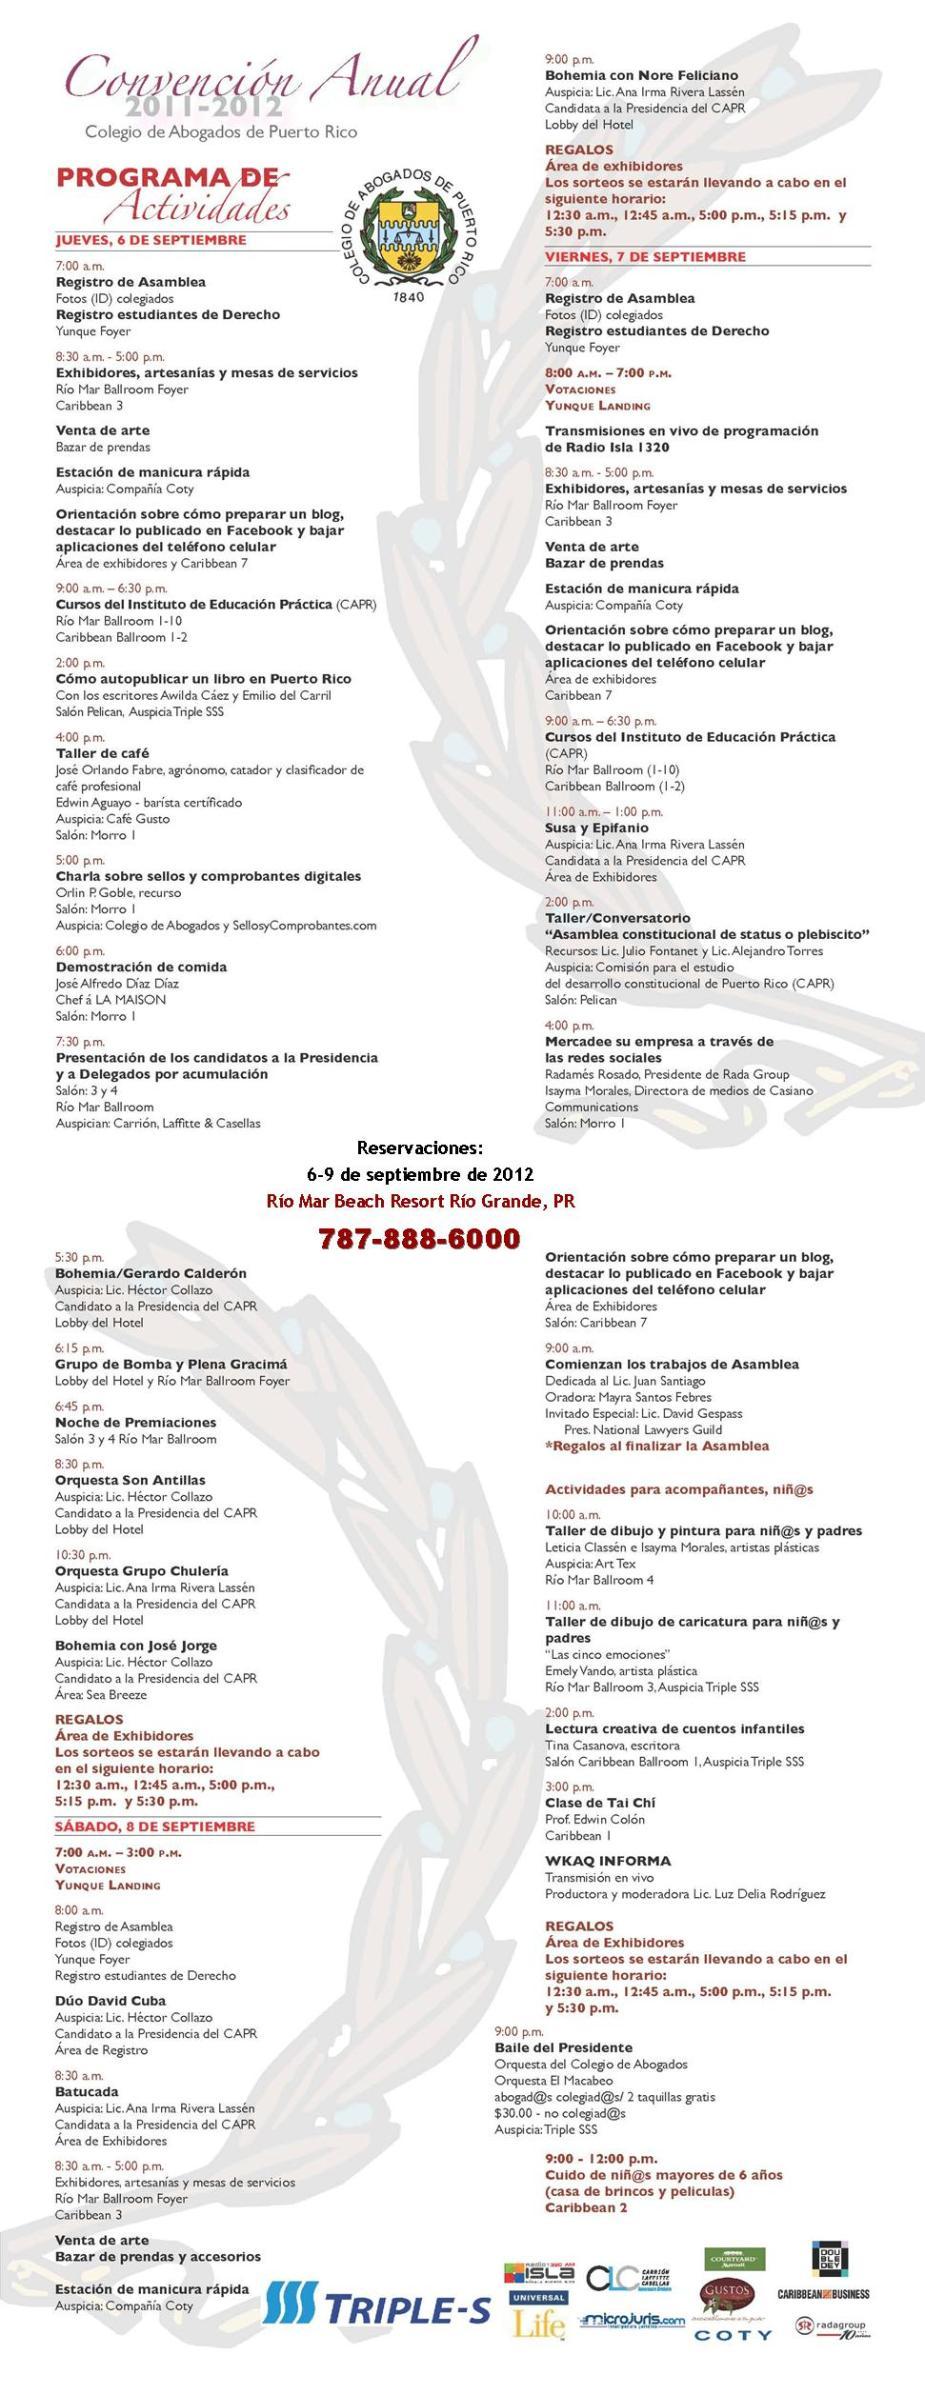 Programa de actividades de la Convención del Colegio de Abogados de Puerto Rico 2012